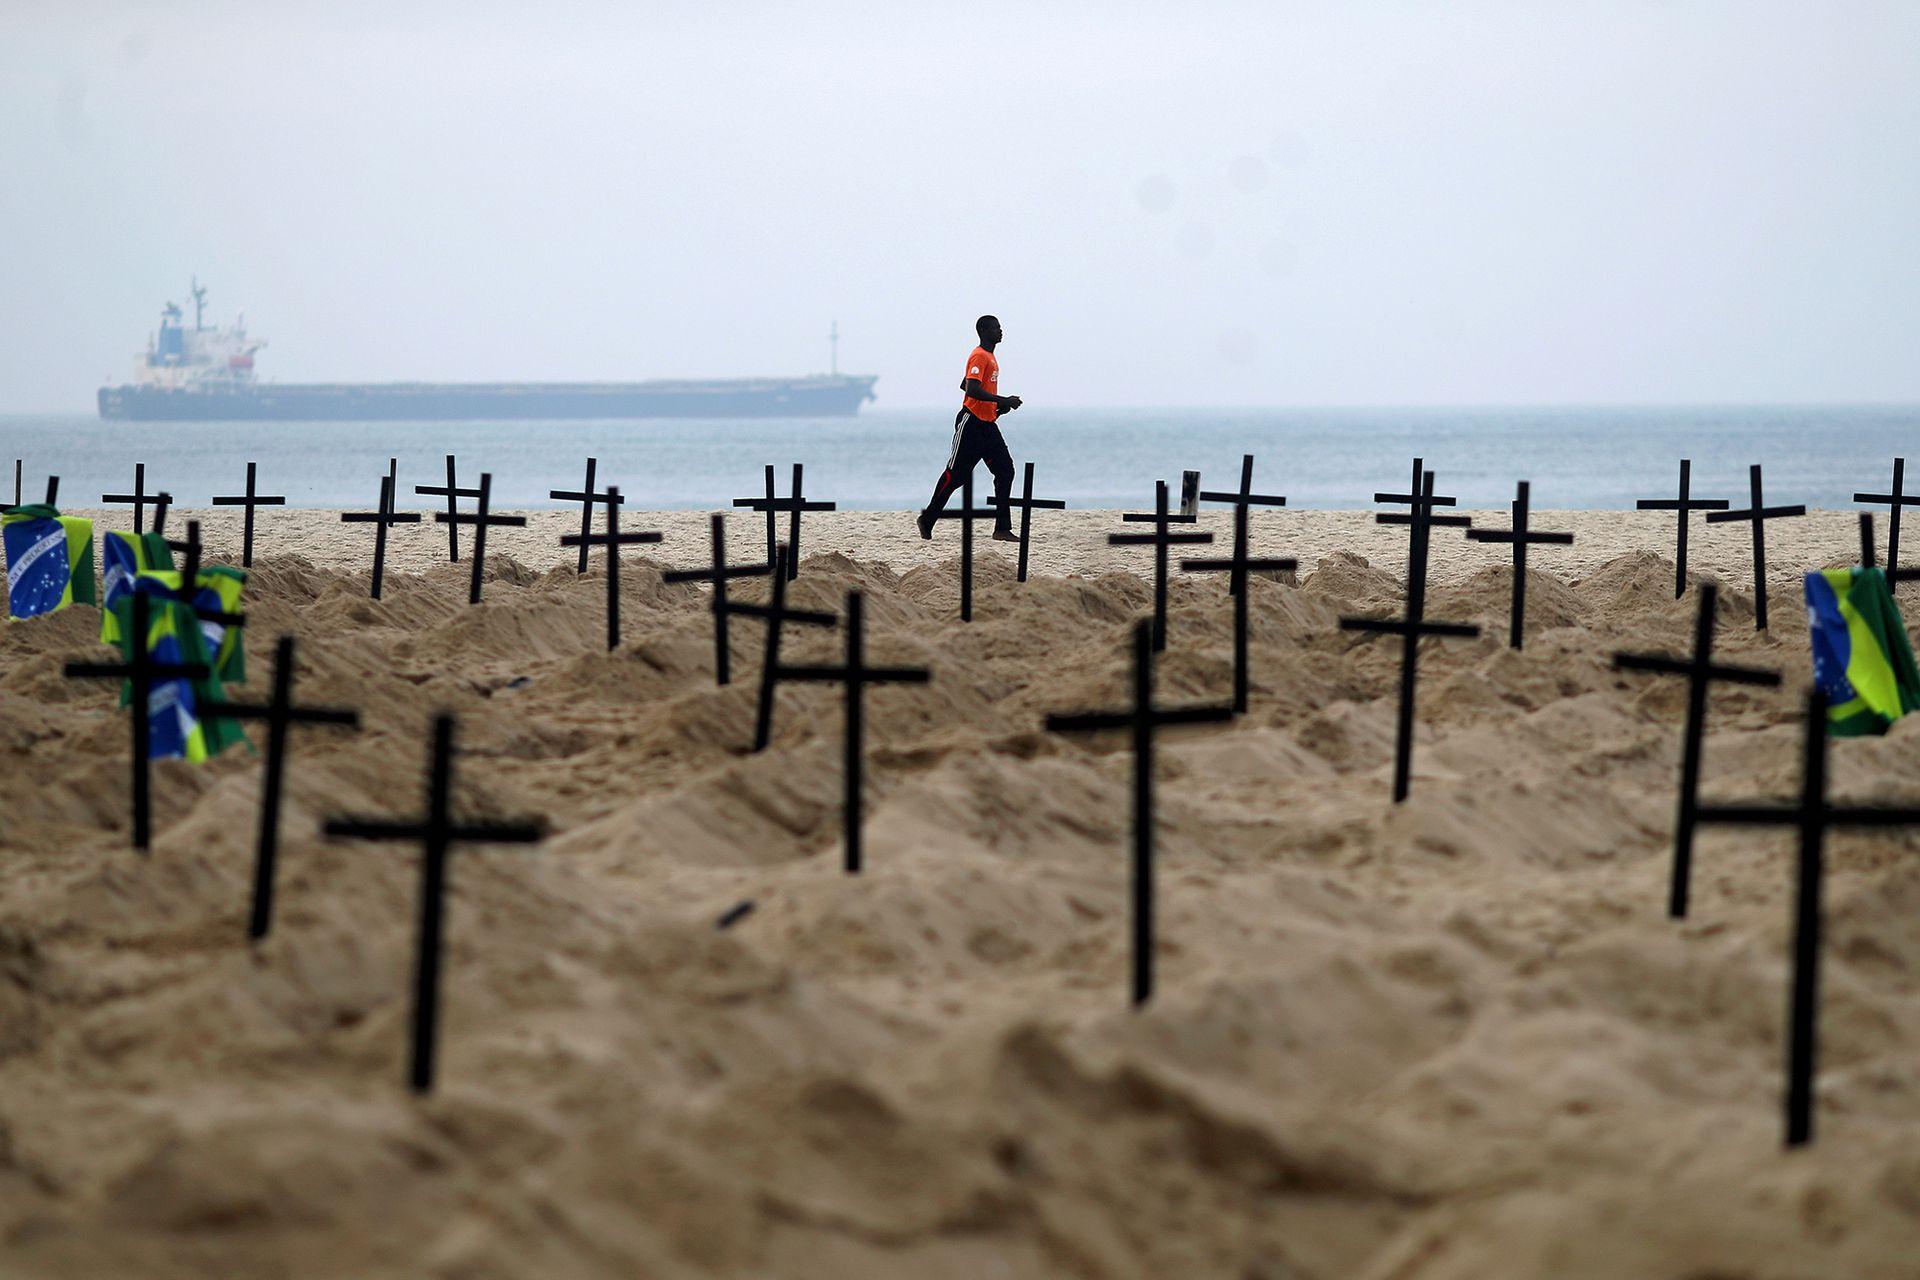 La gente pasa haciendo actividades deportivas frente al cementerio que fue armado en señal de protesta